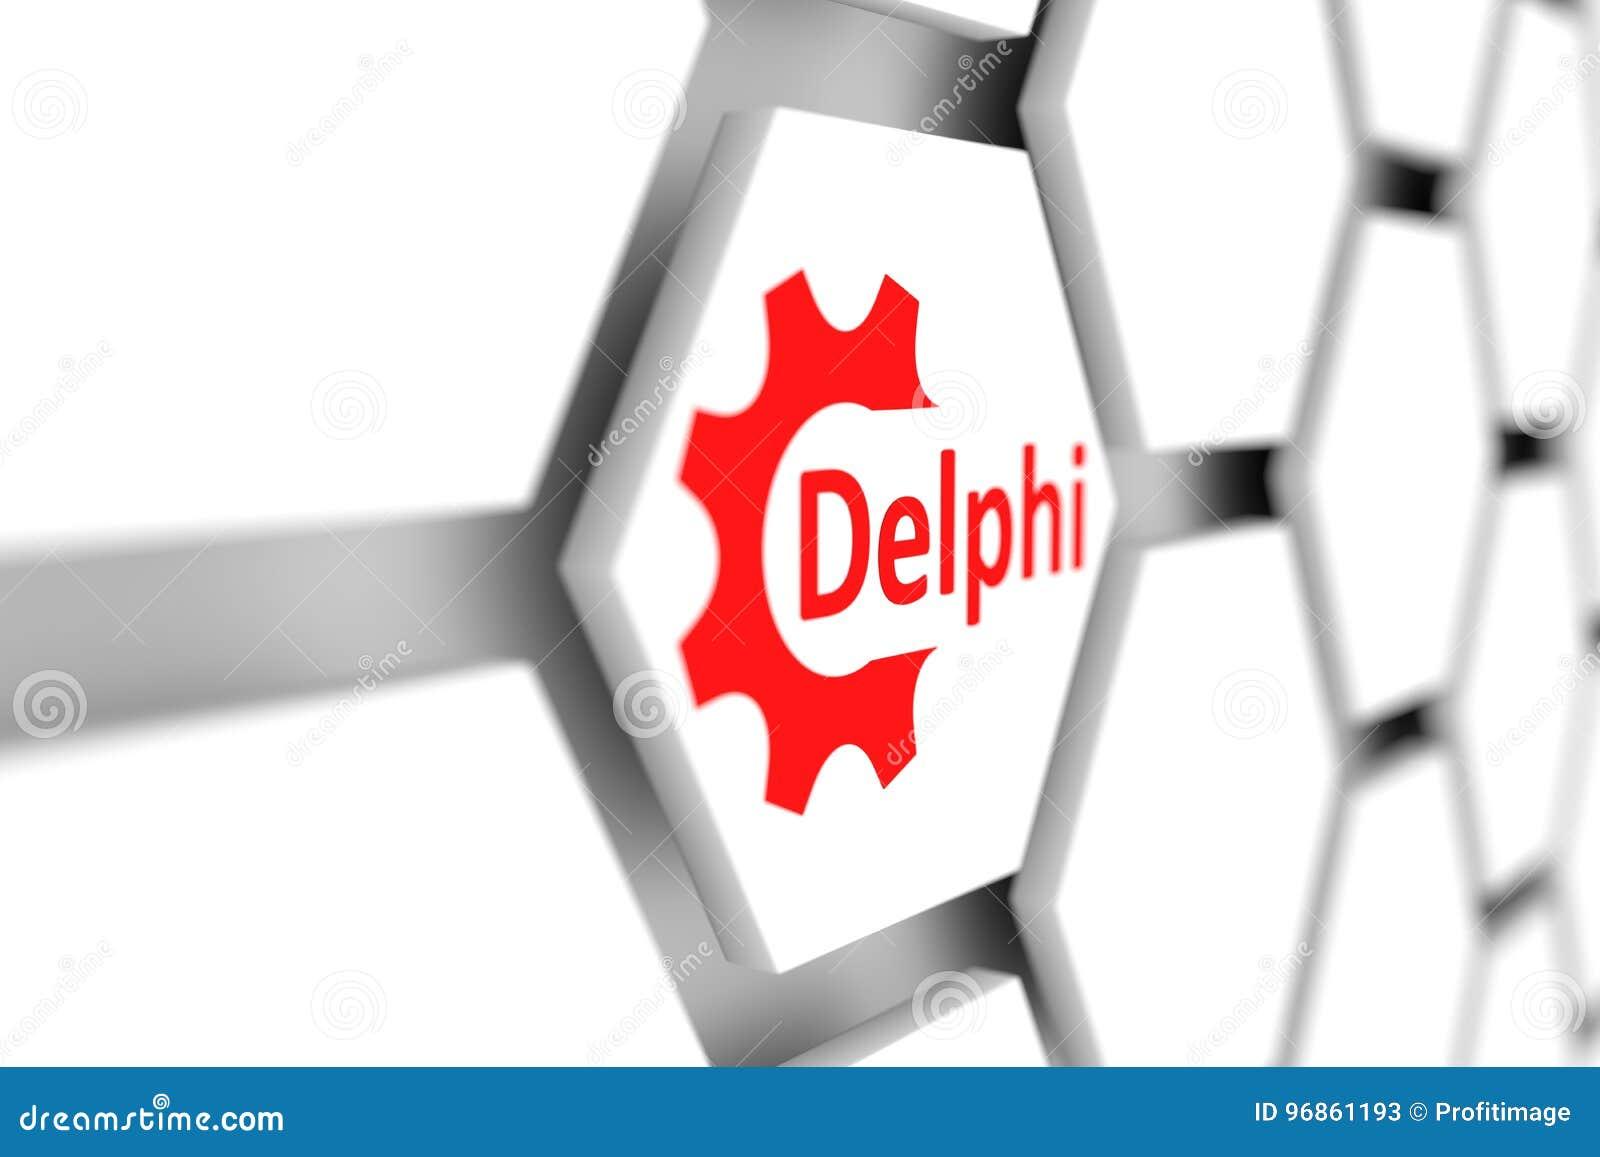 Delphi stock illustration  Illustration of cell, programming - 96861193